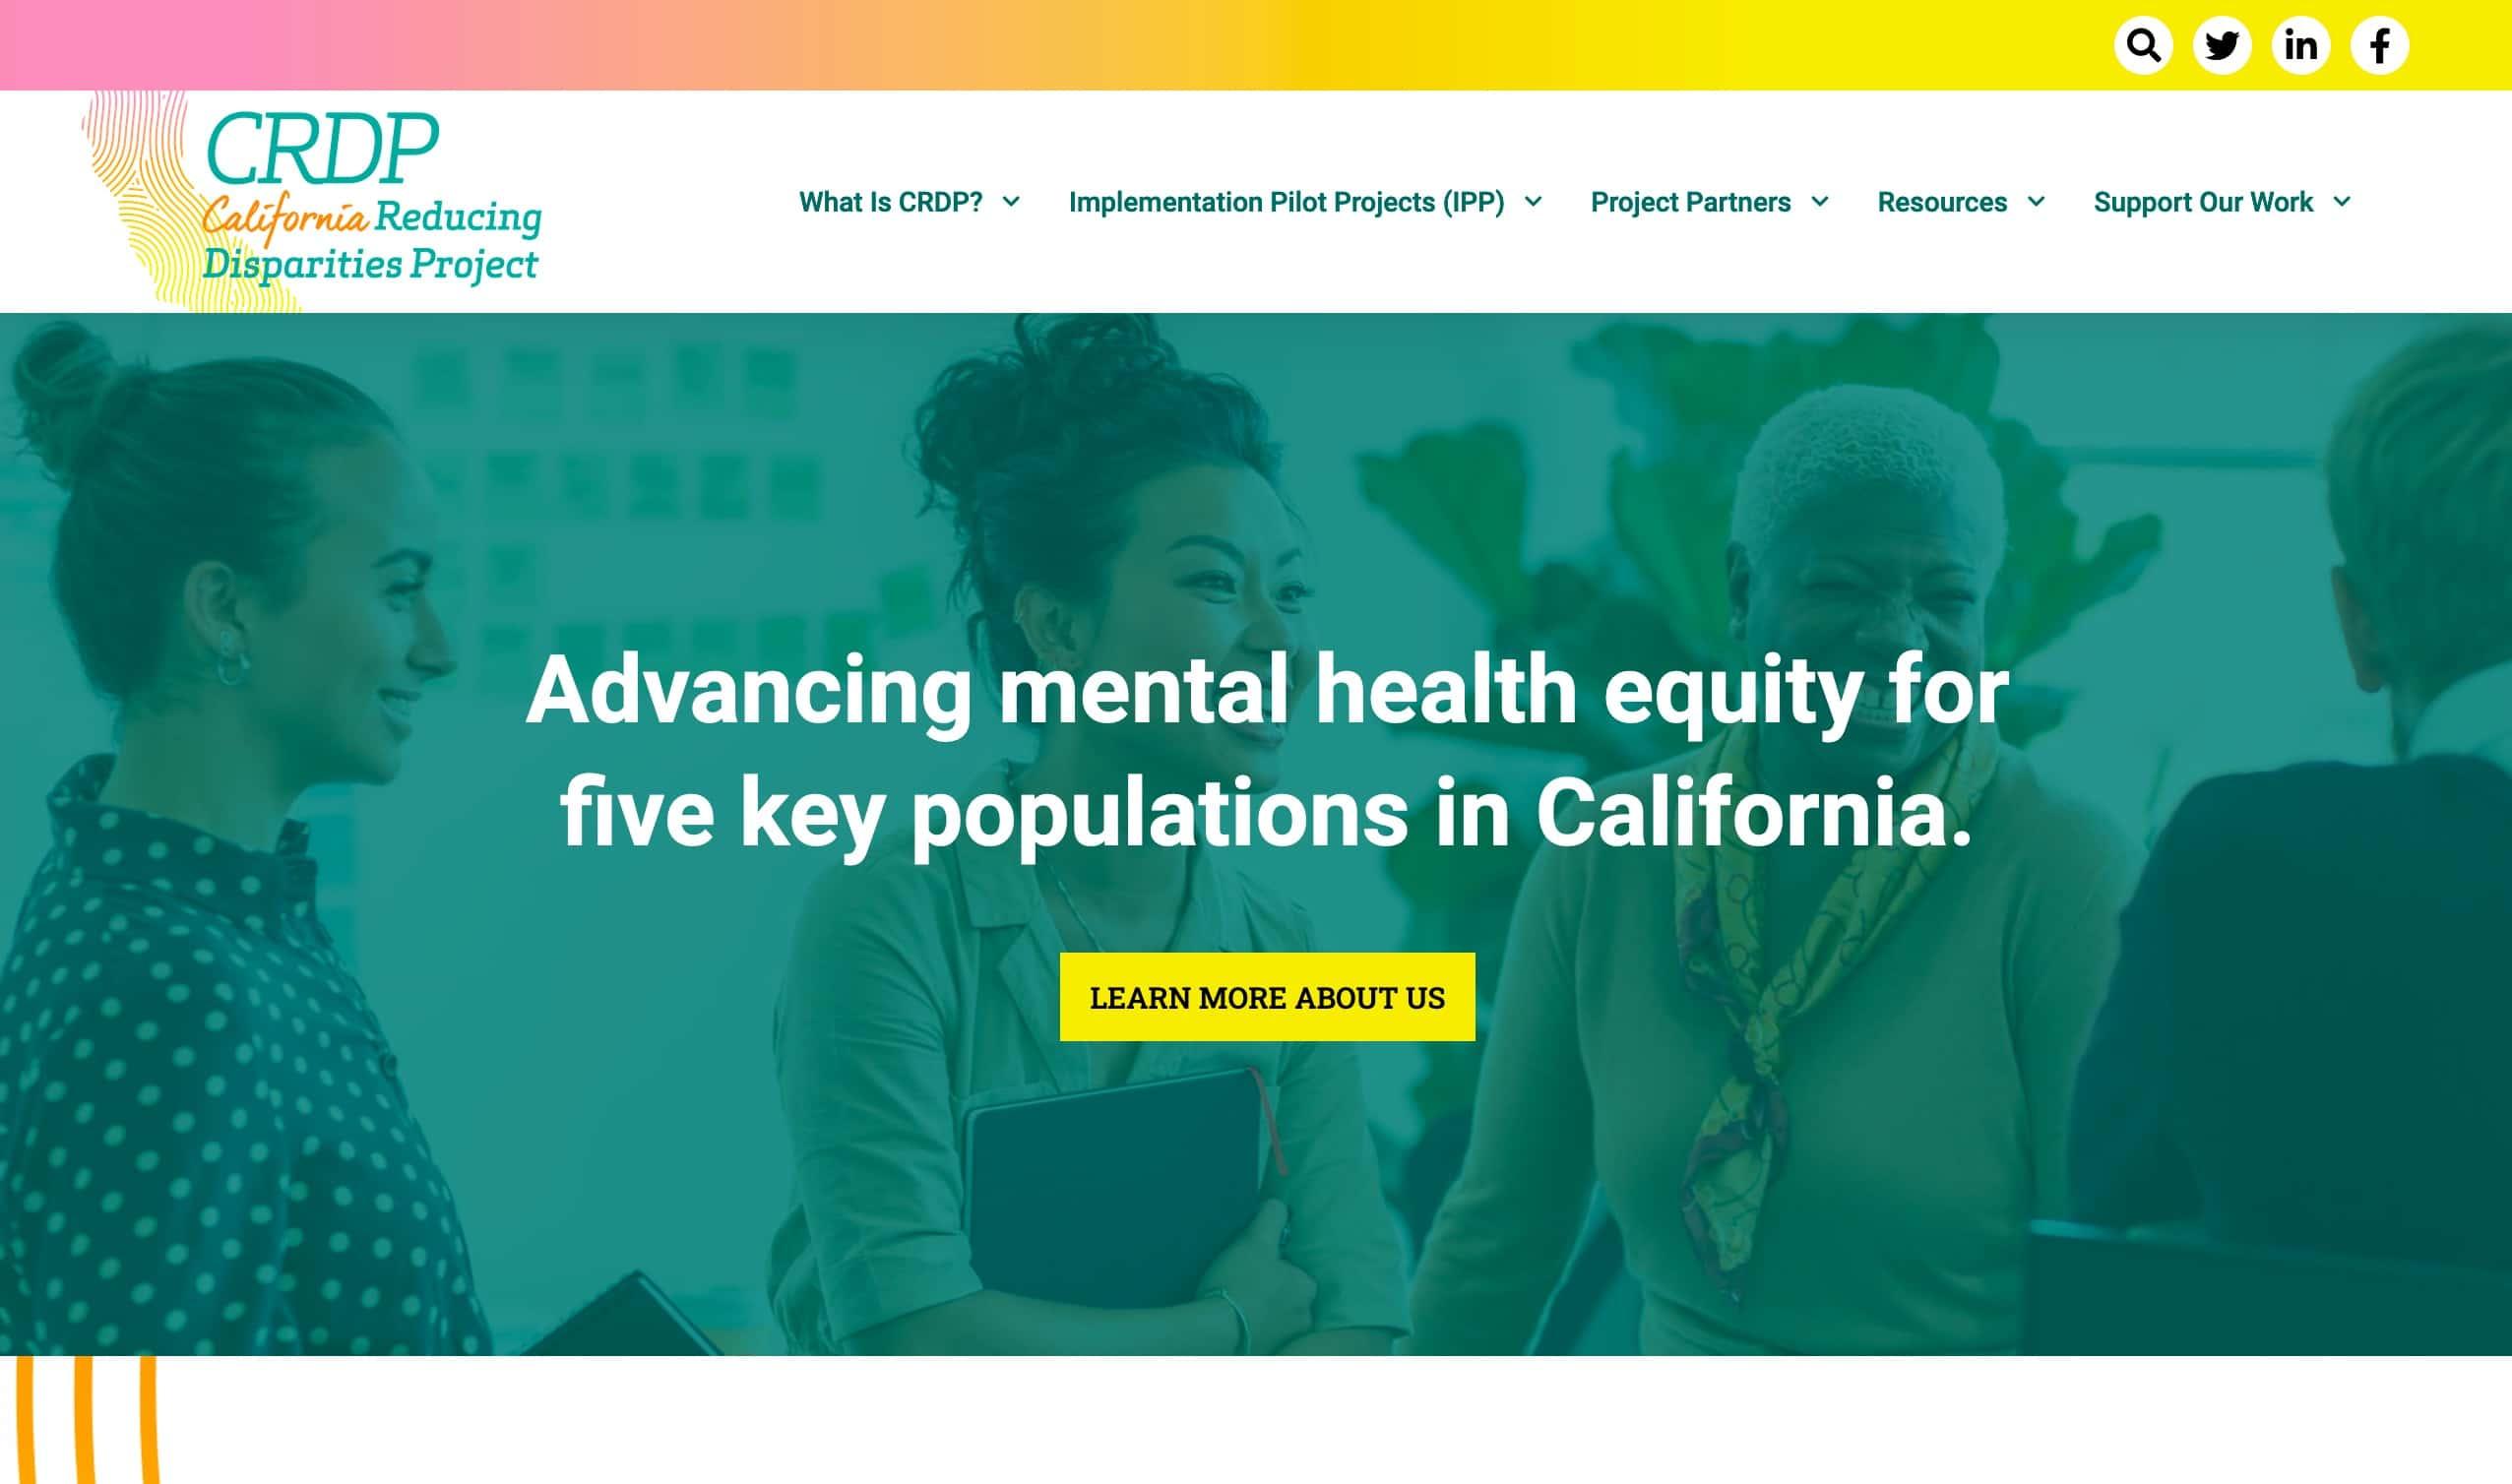 Screenshot of New Website Helps Spread Awareness in California